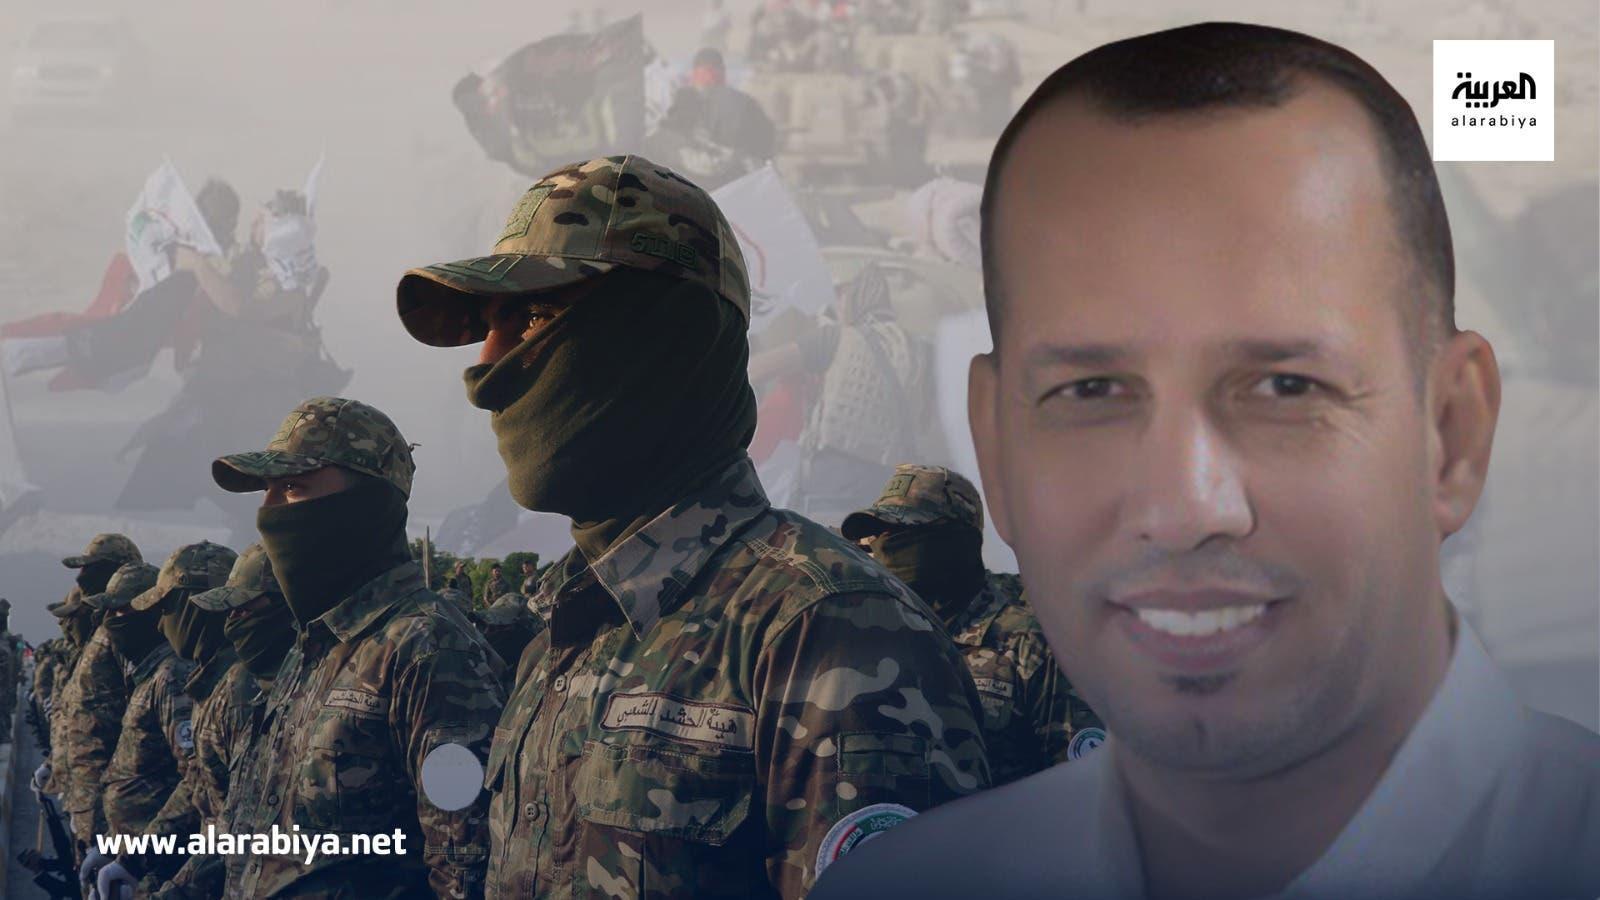 الهاشمی، پژوهشگر و فعال سیاسی عراقی ترور شده